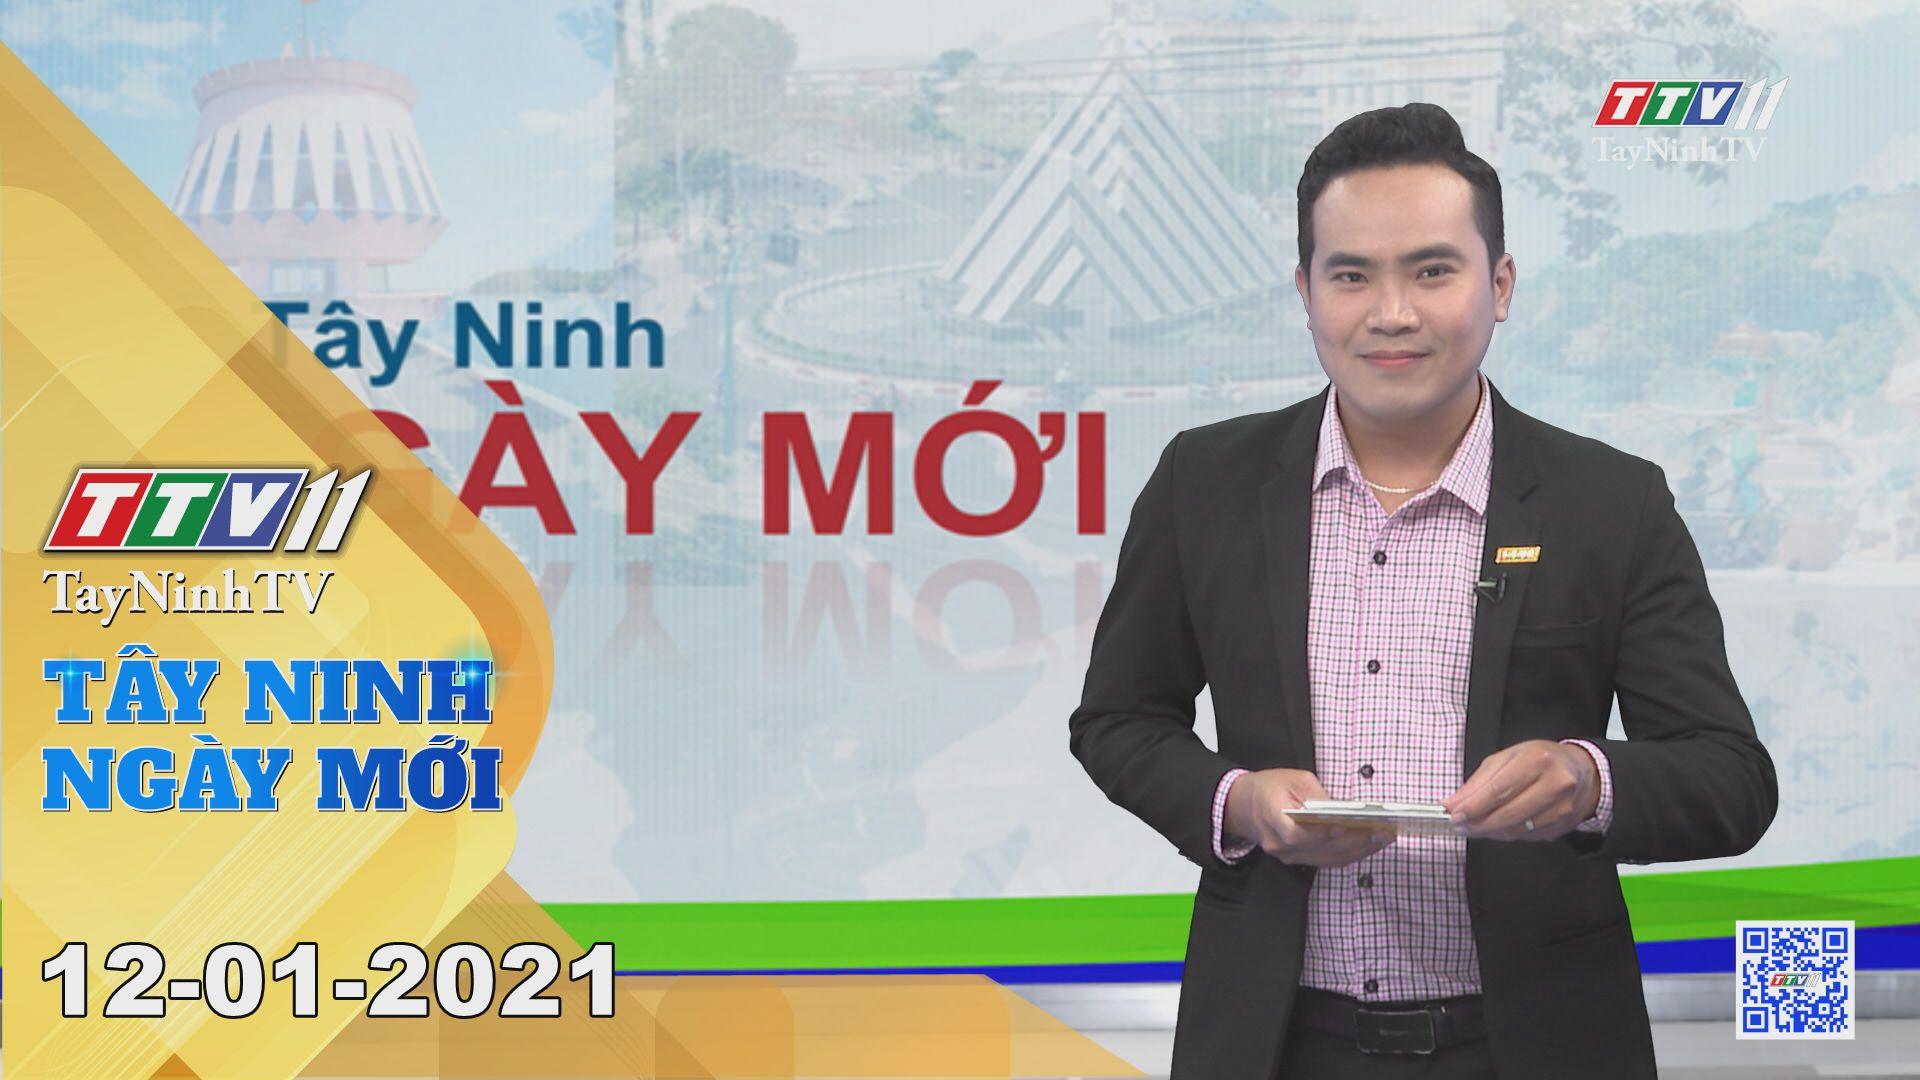 Tây Ninh Ngày Mới 12-01-2021 | Tin tức hôm nay | TayNinhTV